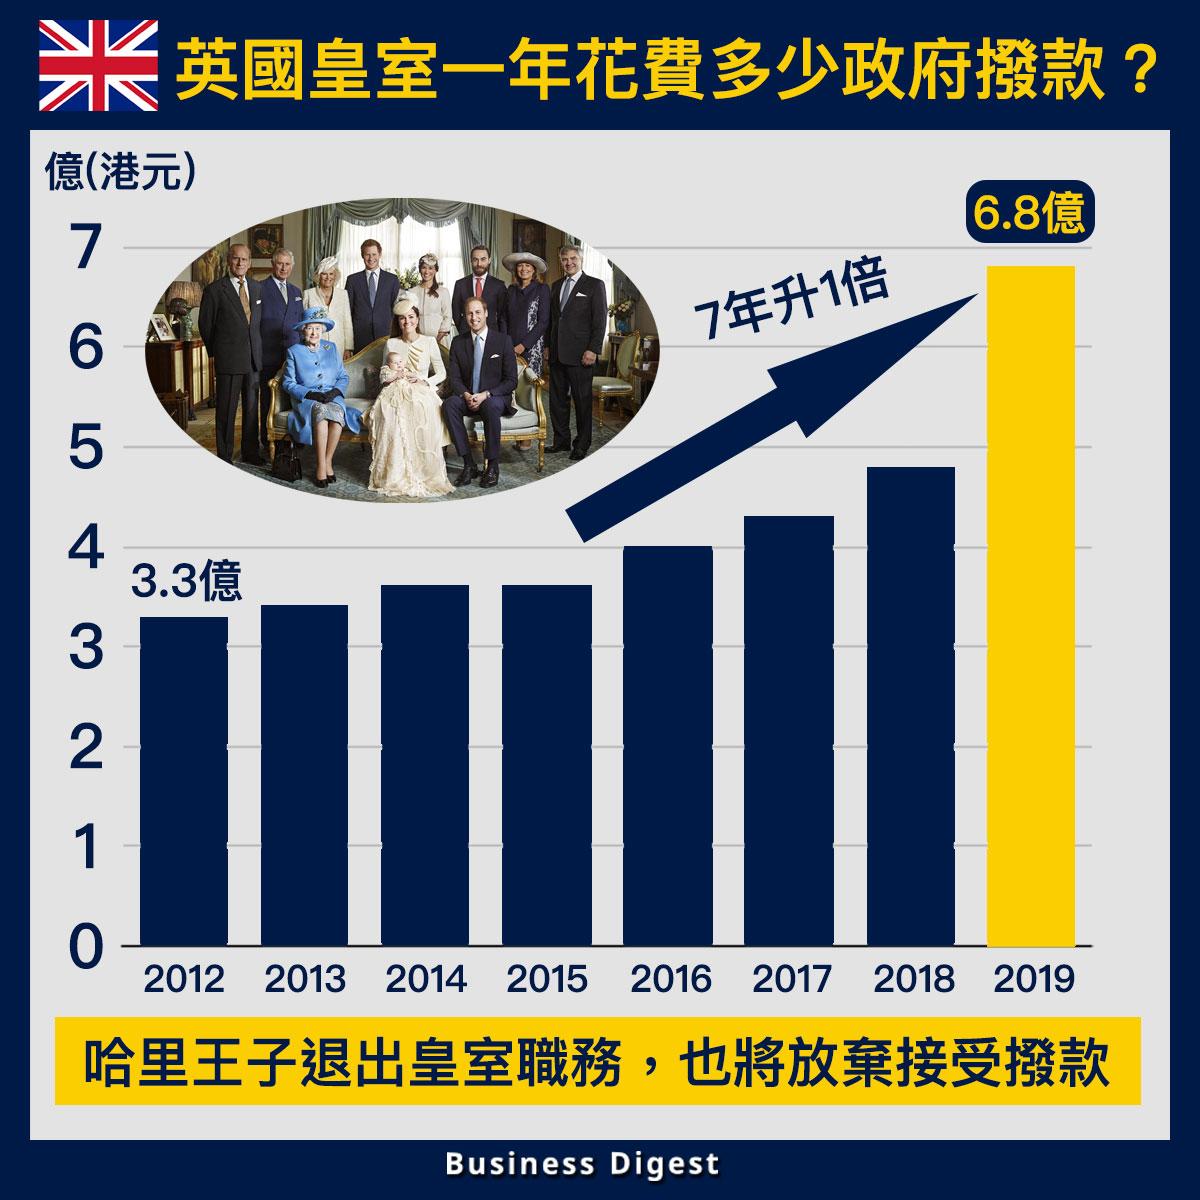 【從數據認識經濟】英國皇室開支對納稅人帶來多少成本?